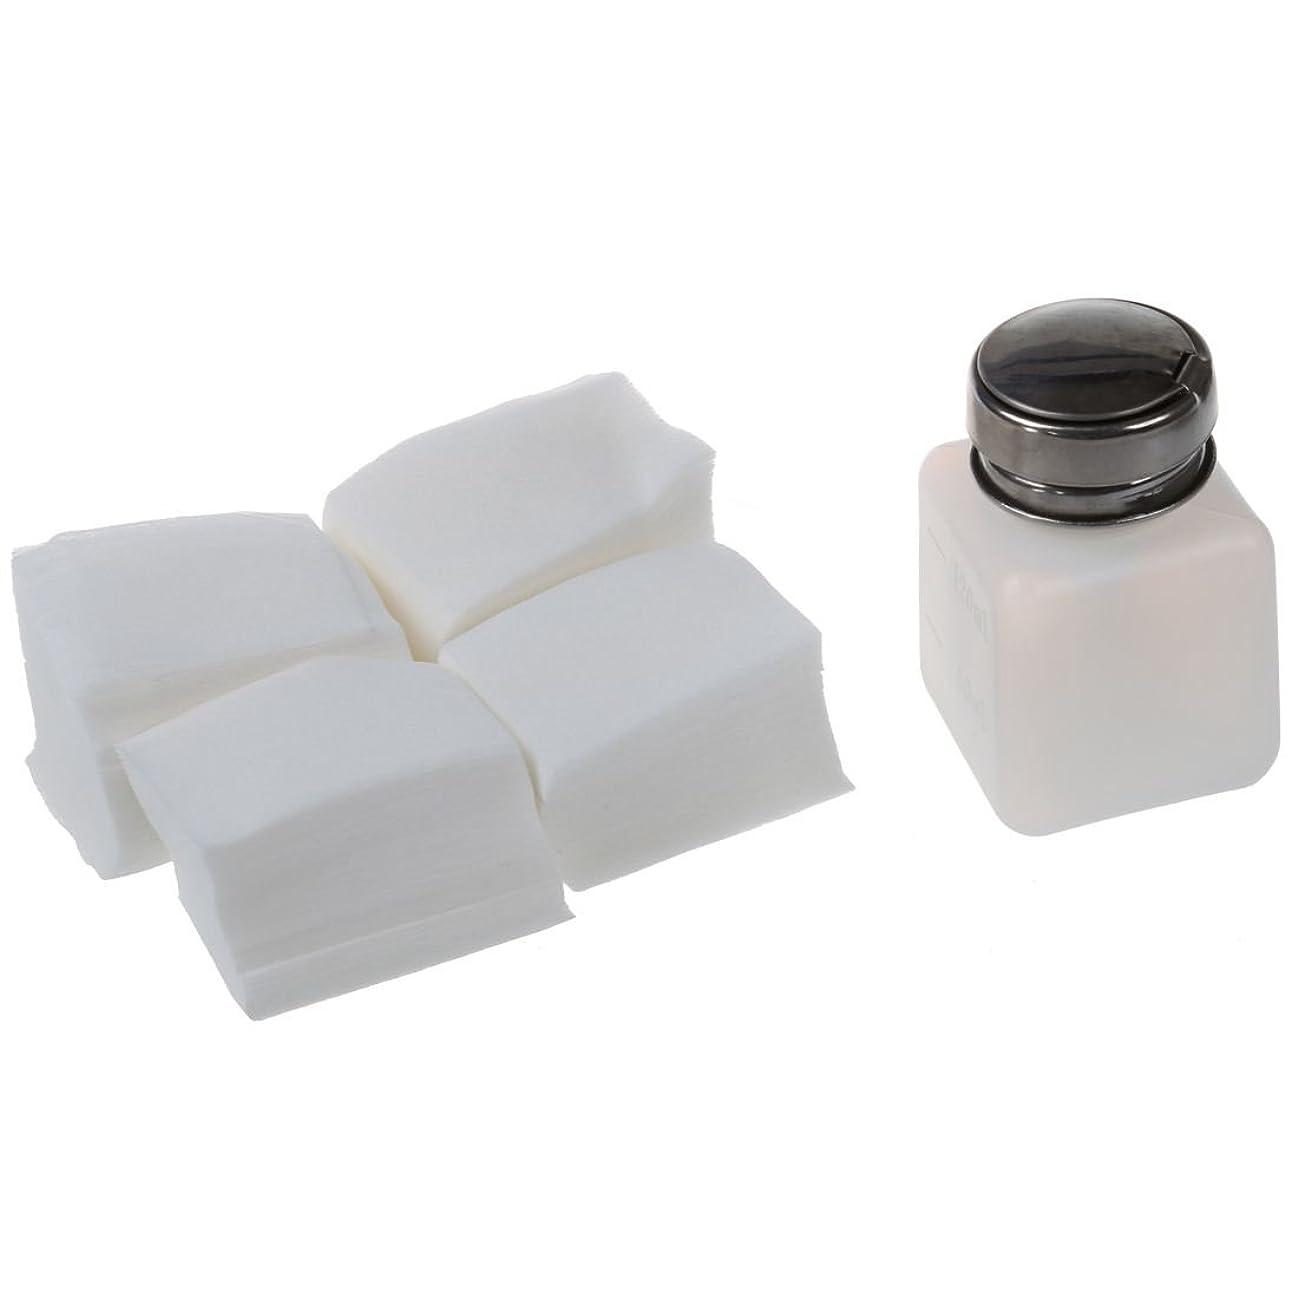 権限を与えるナチュラルシンポジウムRETYLY ネイルアクリルUVジェルコットンリムーバー クリーナー研磨ワイプパッド1 X ネイルアートボトル+ 400パッド